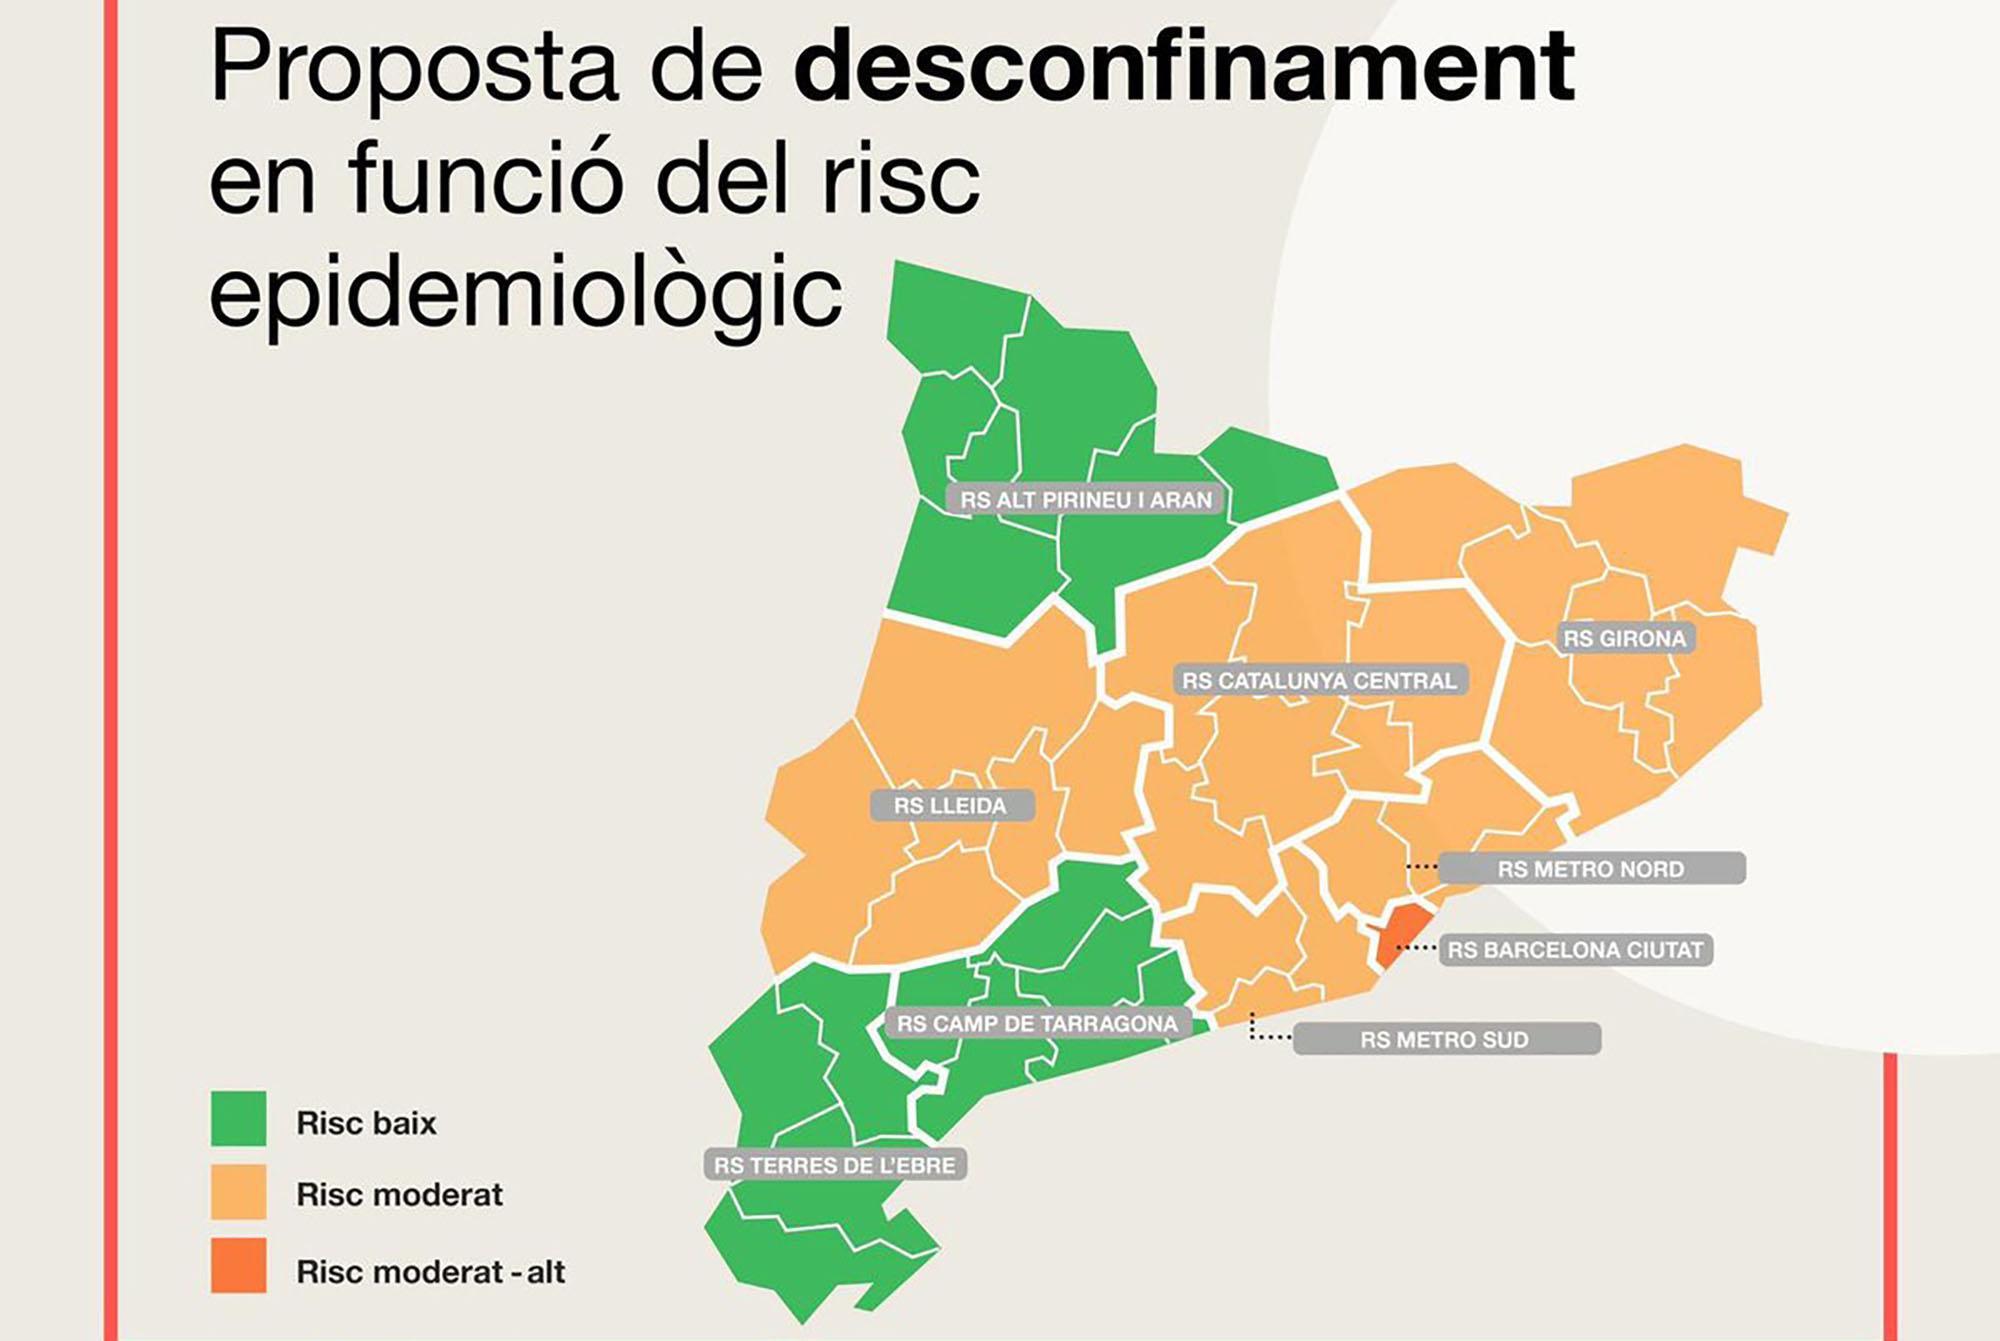 Salut afegeix les regions sanitàries de Girona, Lleida i Catalunya Central a les que podrien iniciar el desconfinament gradual